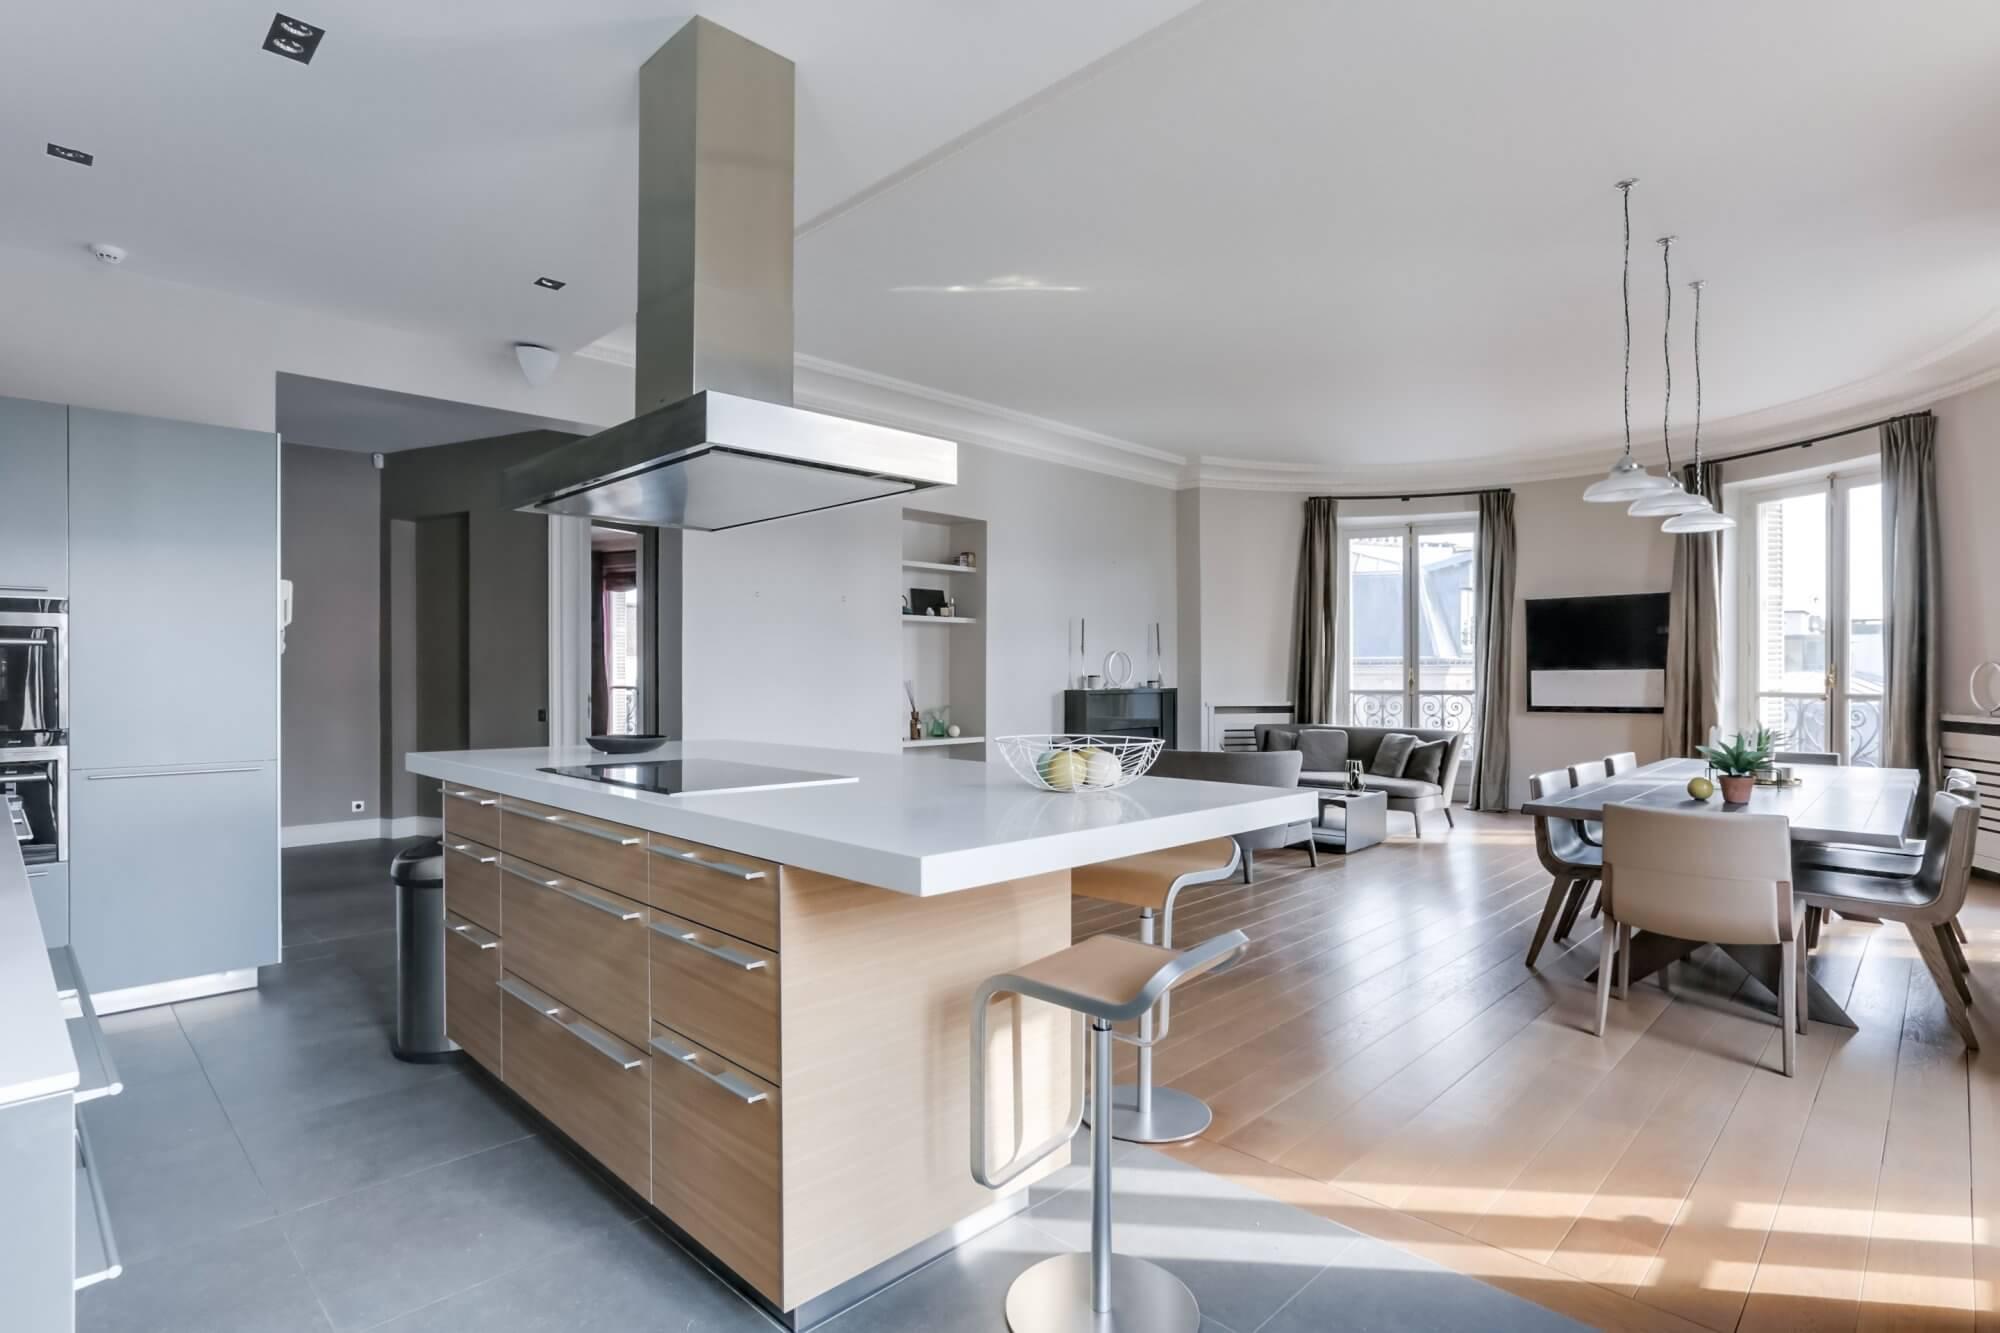 Etoile Hoche - Kitchen